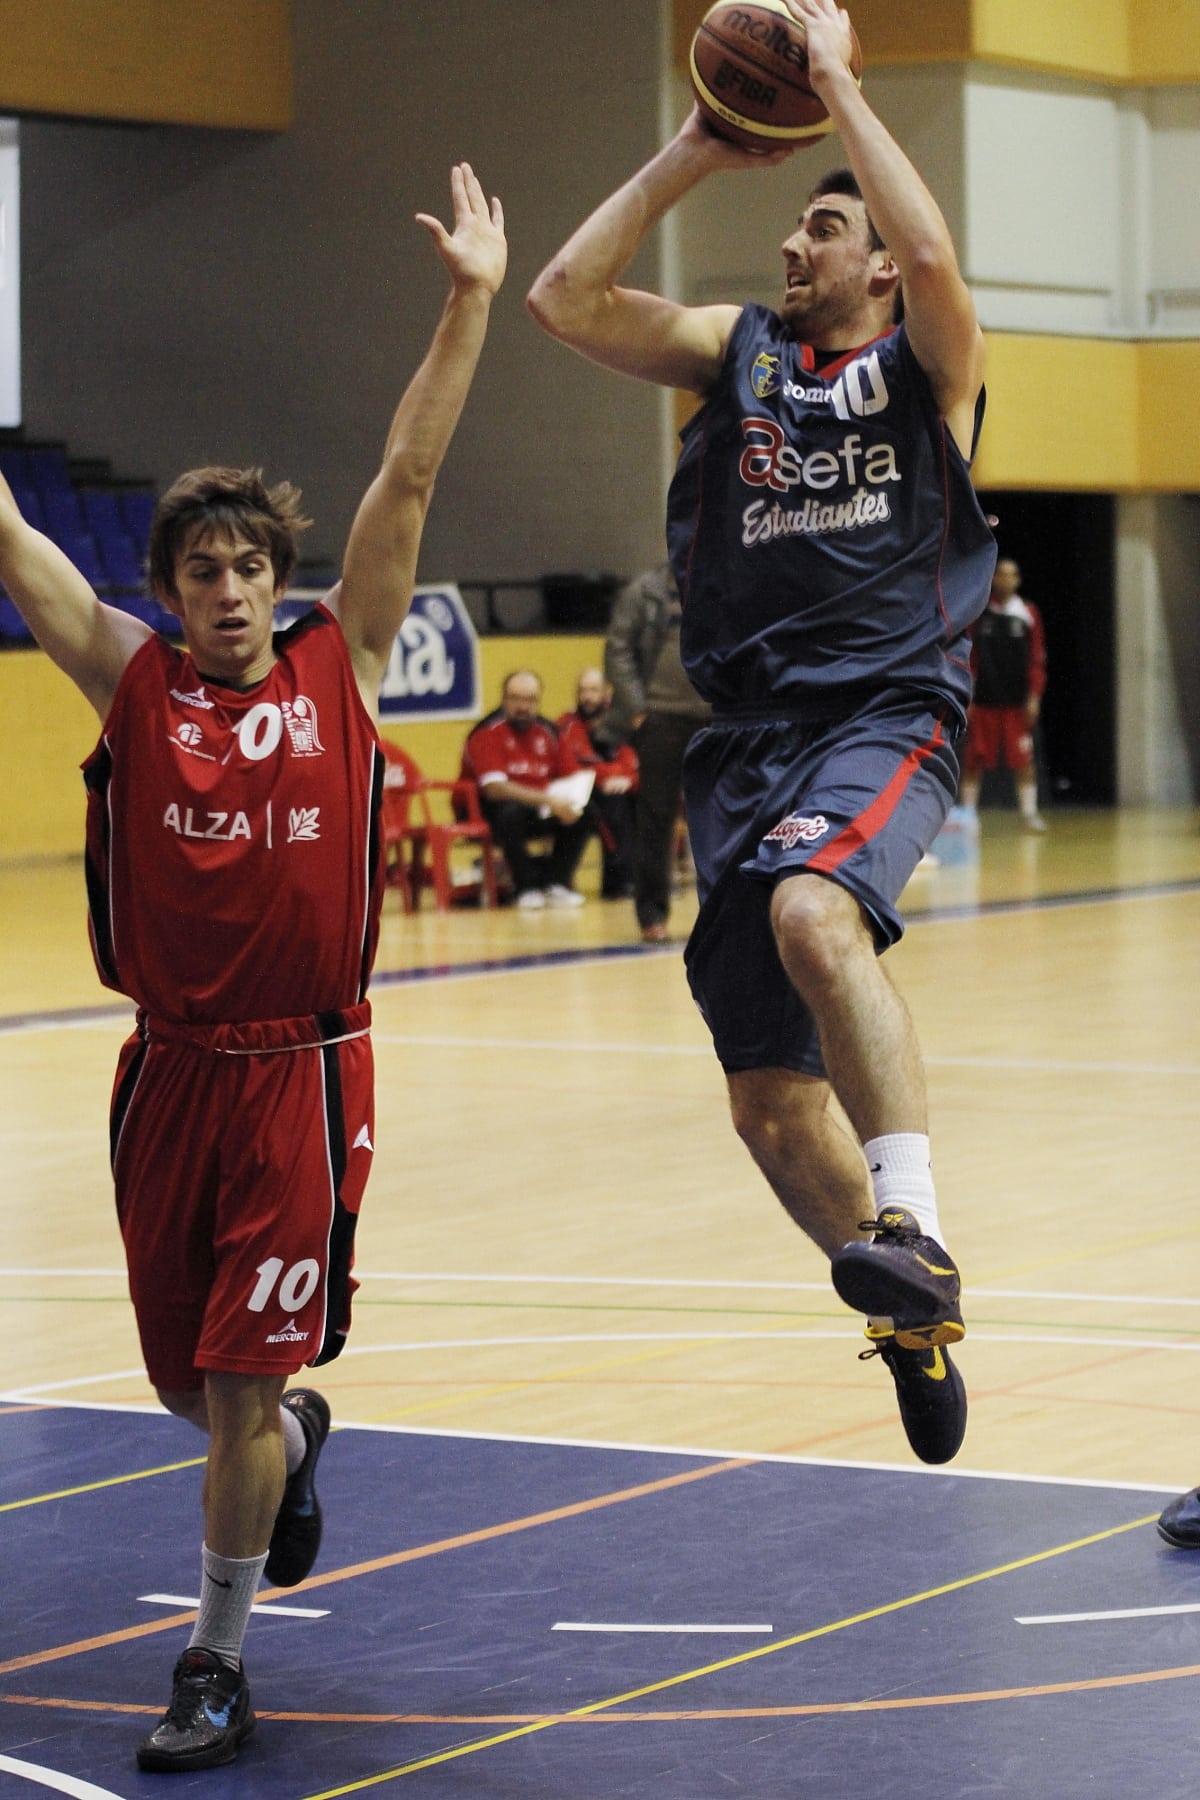 EBA: Visita trampa a la cancha de Basket Azuqueca (sábado 18:15h)